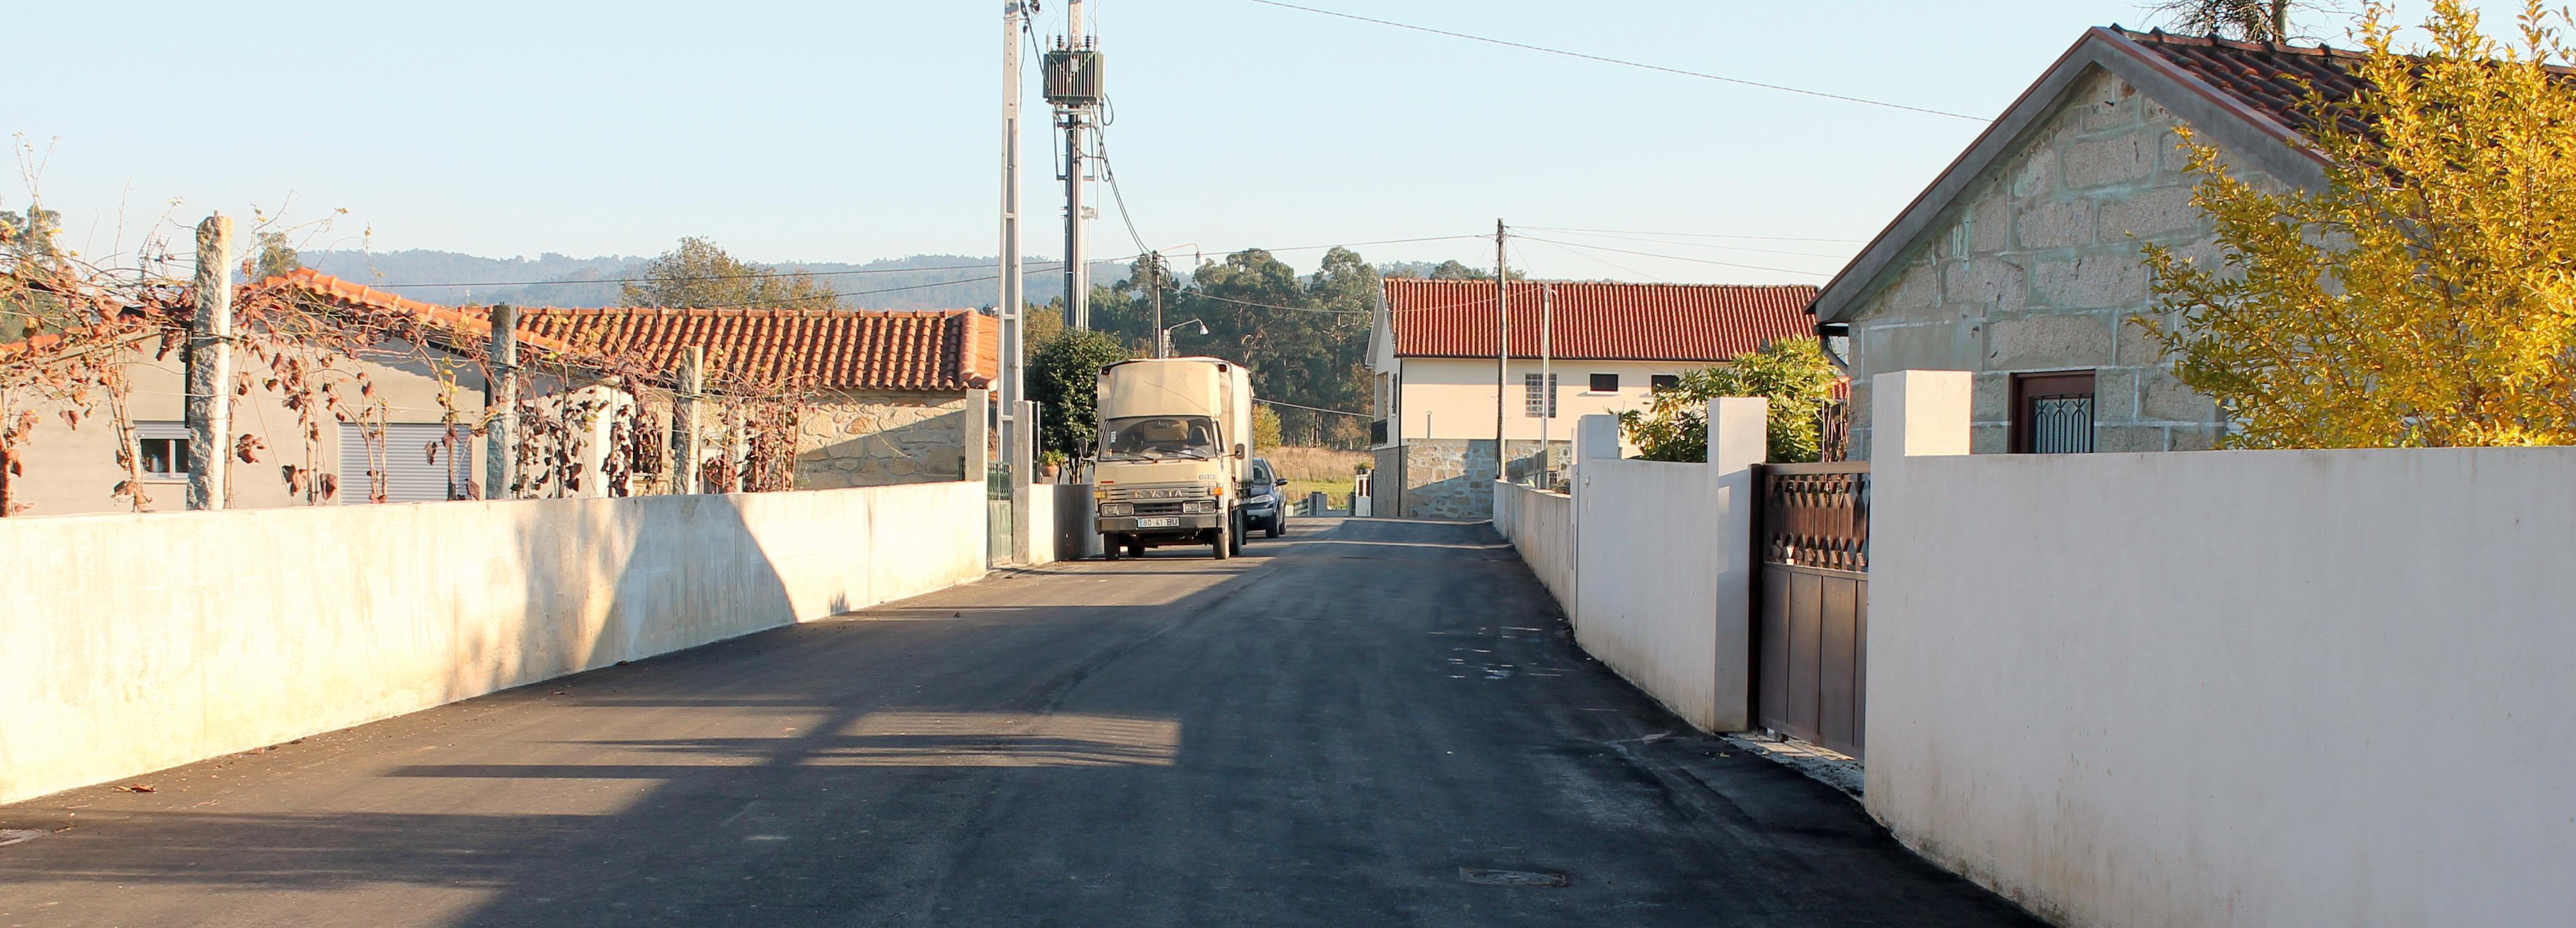 Câmara Municipal e a Junta de Rio Covo Santa Eugénia concluem as obras de requalificação das Ruas da Lobagueira e José Gomes Alves